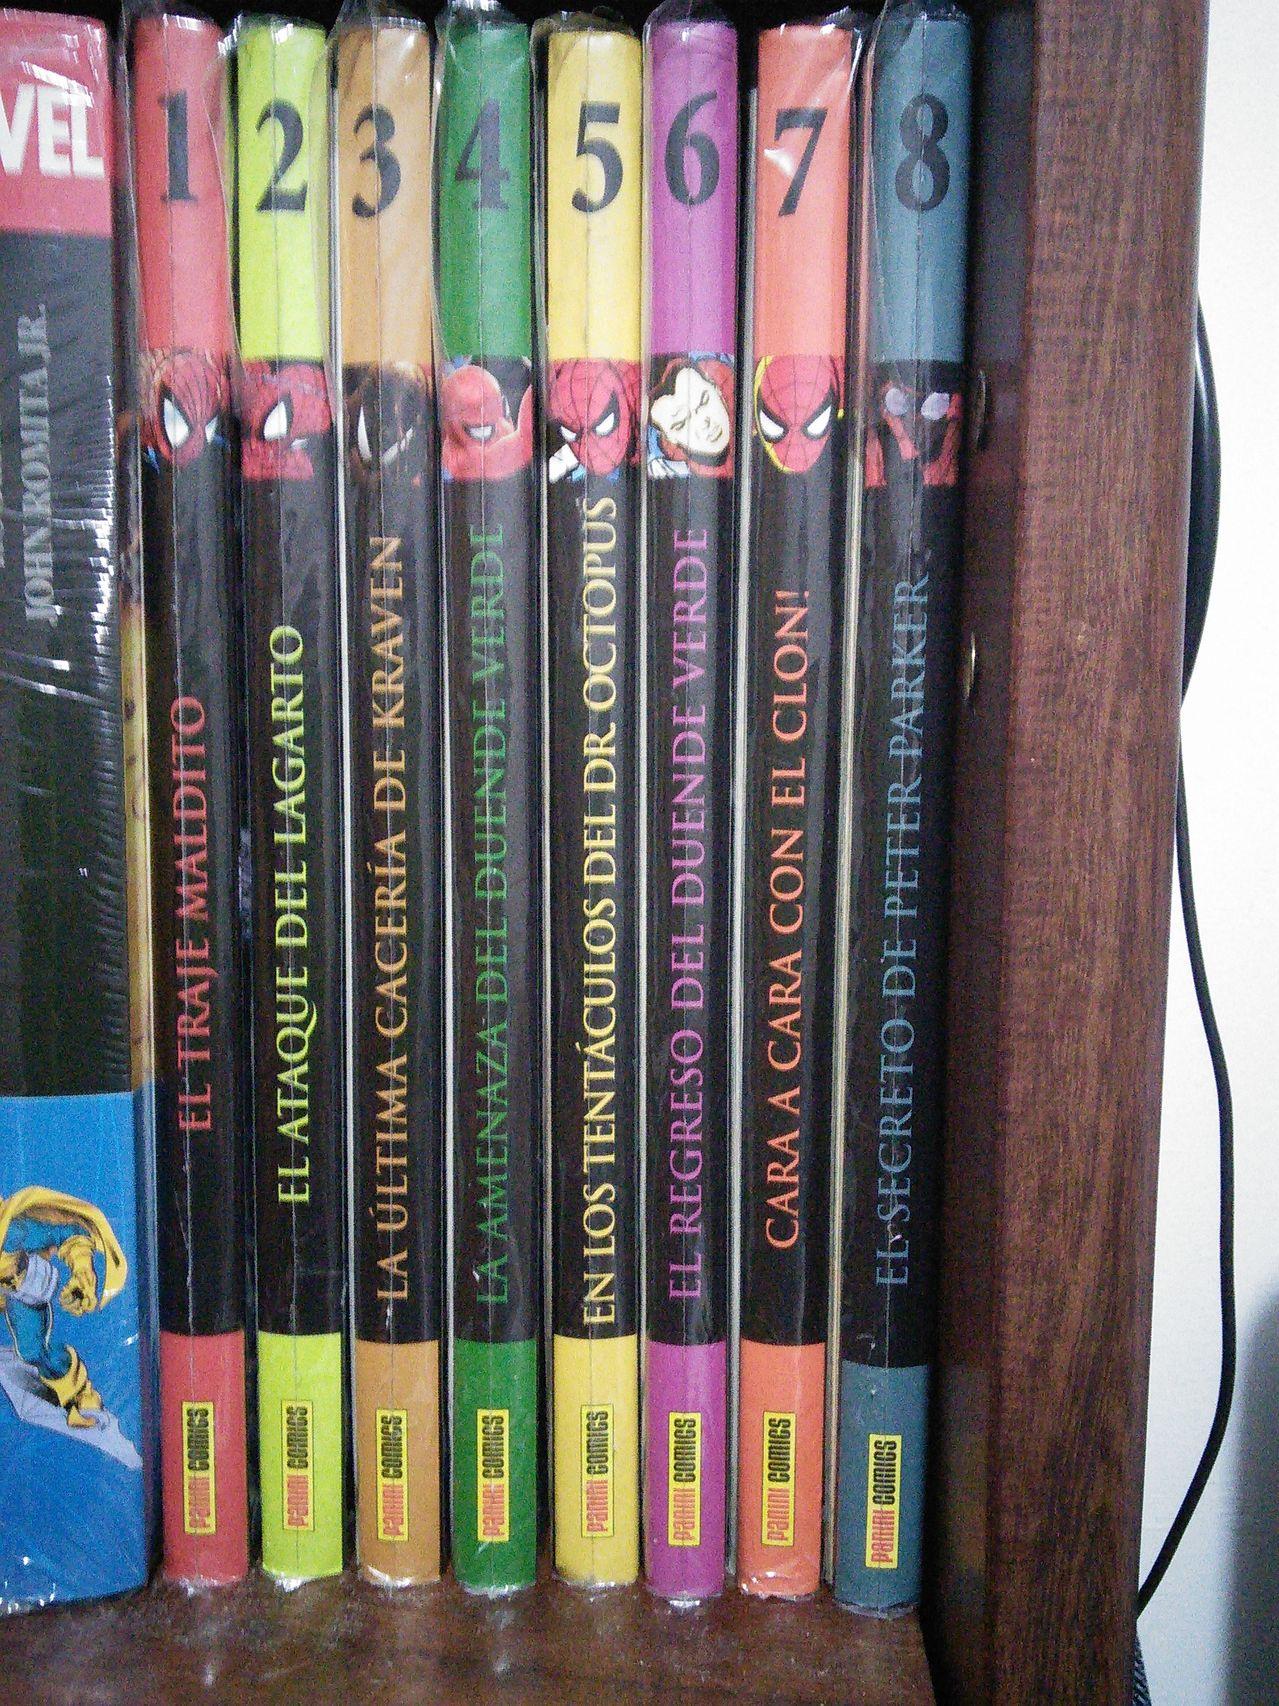 [Comics] ¡Colección Completa! - Página 8 IMG_20150516_204915